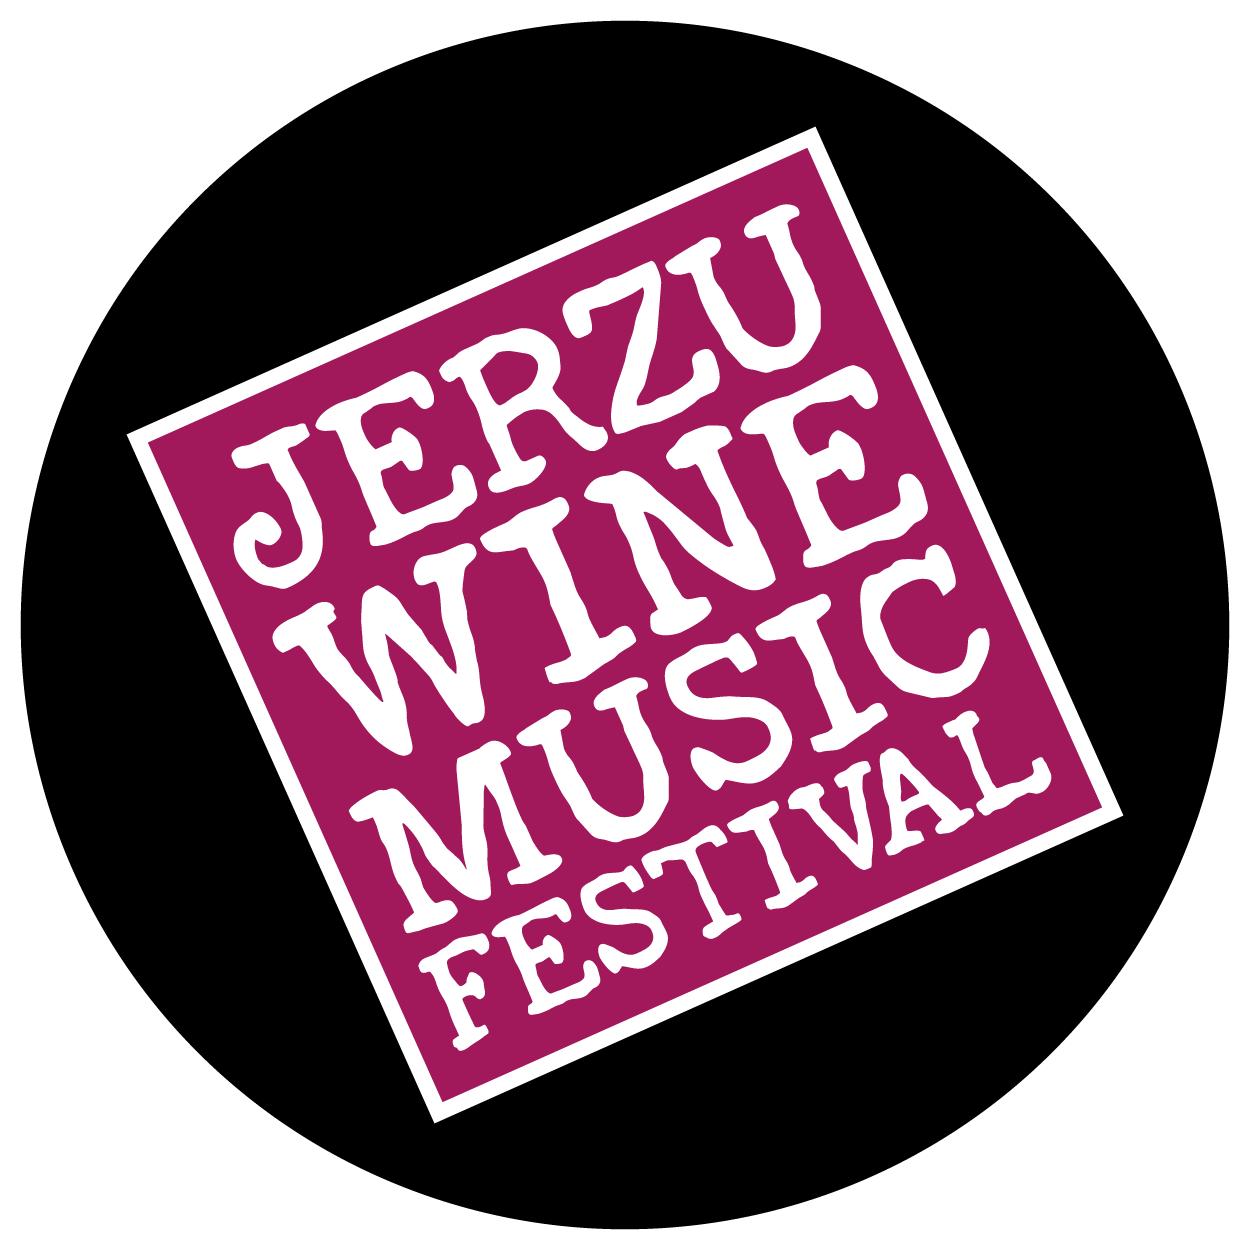 jerzu_wine_festival 2015 Jerzu Calici di Stelle